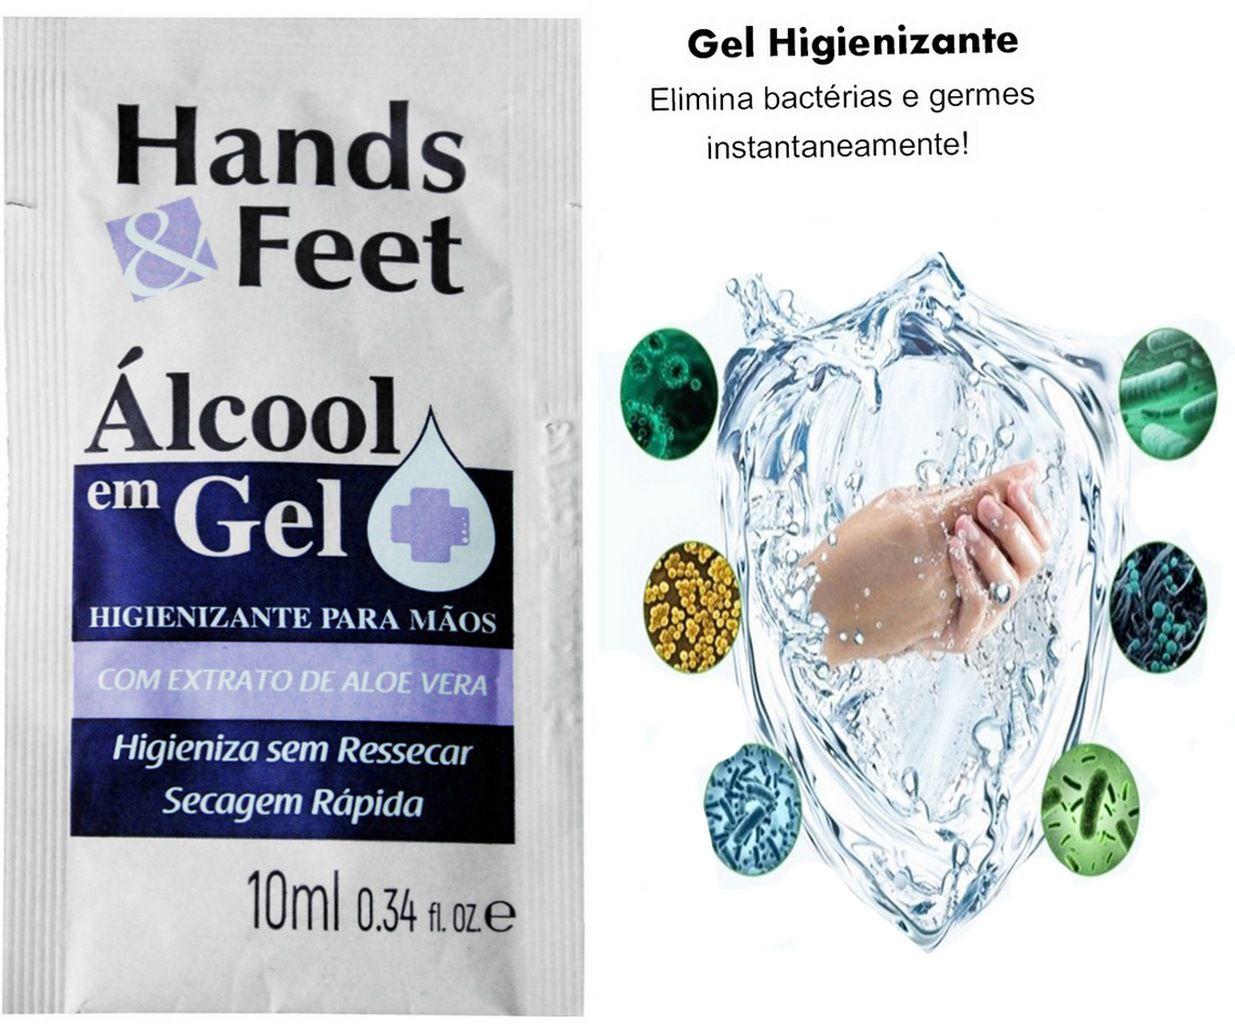 Pulverizador Borrifador Manual 500 Ml Gatilho Spray + Álcool Gel Sachê 70% Antisséptico 10 Ml Bactericida Higienizador Prevenção